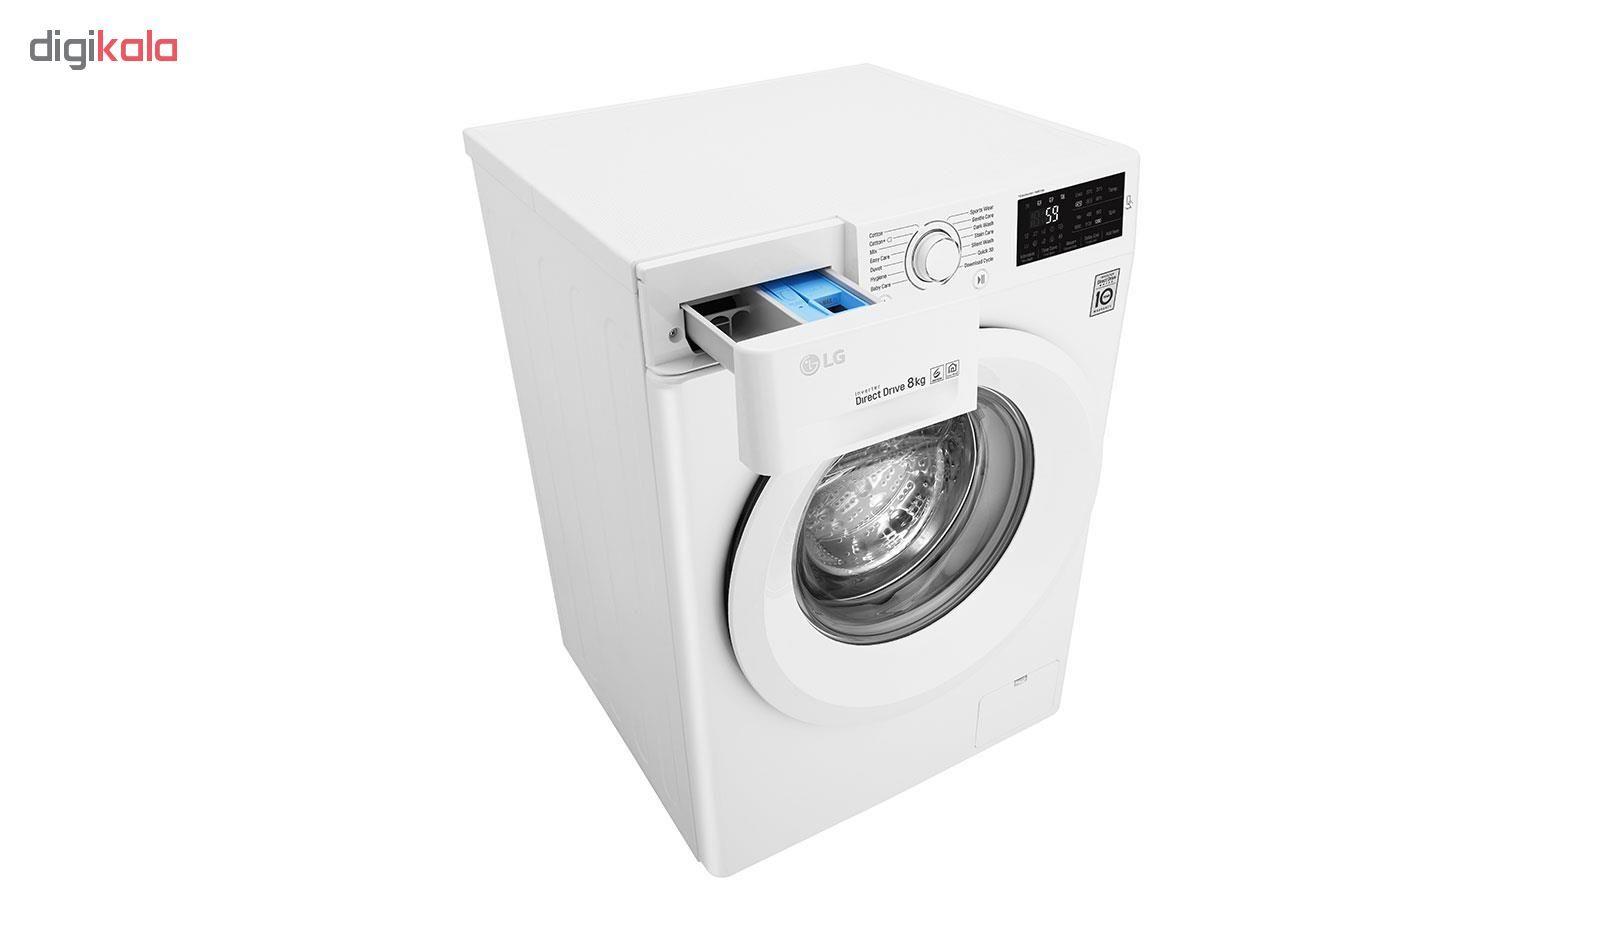 ماشین لباسشویی ال جی مدل WM-821NW ظرفیت 8 کیلوگرم main 1 4